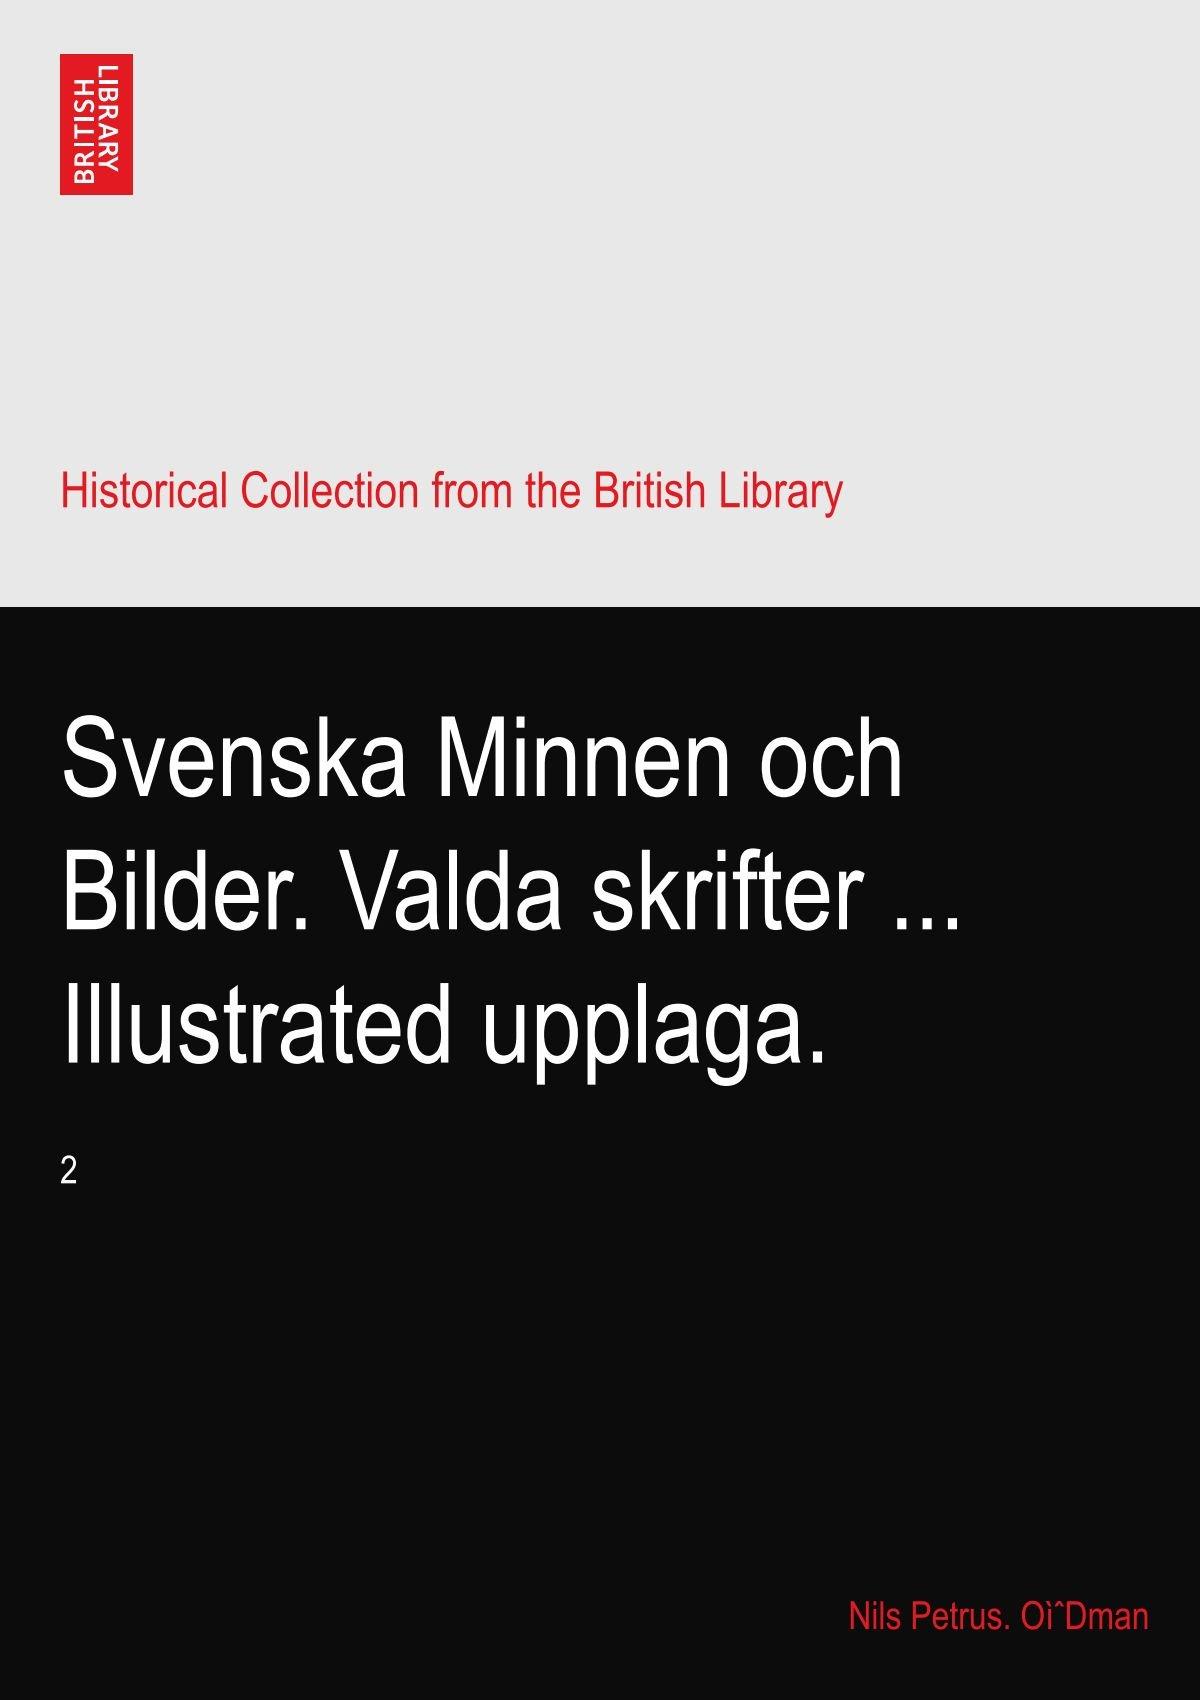 Svenska Minnen och Bilder. Valda skrifter ... Illustrated upplaga.: 2